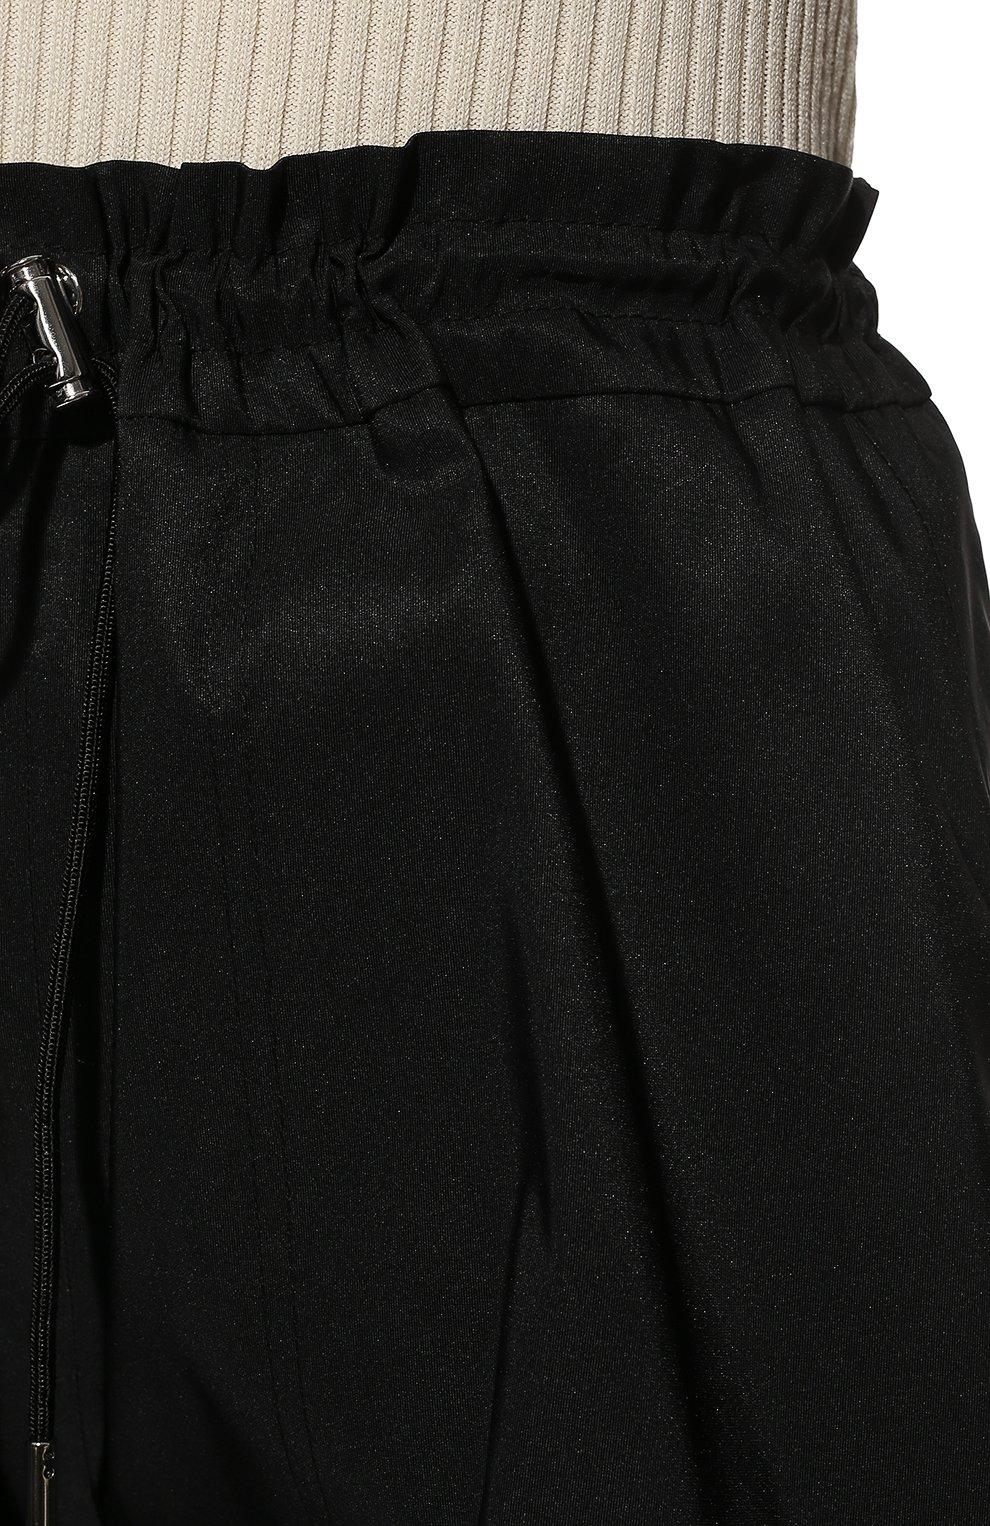 Женские шорты ALEXANDER MCQUEEN черного цвета, арт. 661560/QEACM | Фото 5 (Женское Кросс-КТ: Шорты-одежда; Длина Ж (юбки, платья, шорты): Мини; Материал внешний: Синтетический материал; Стили: Спорт-шик)